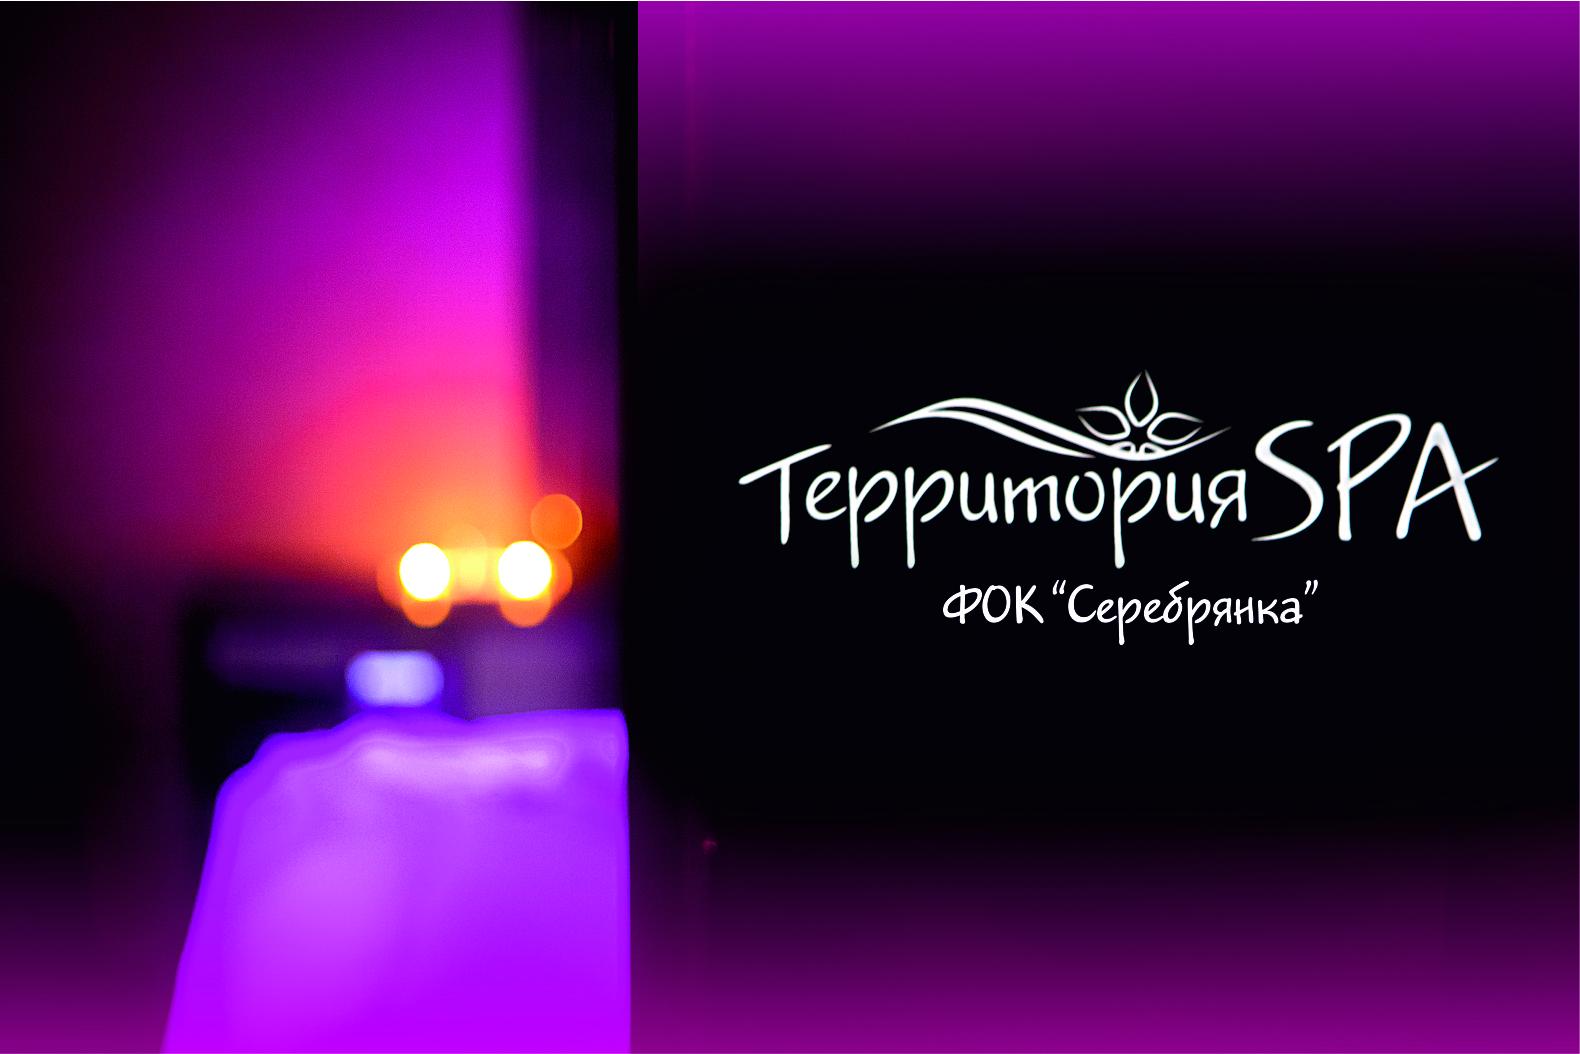 """Водно-термальный комплекс Spa-центра """"Территория SPA"""" от 11 руб. в ФОК """"Серебрянка"""""""